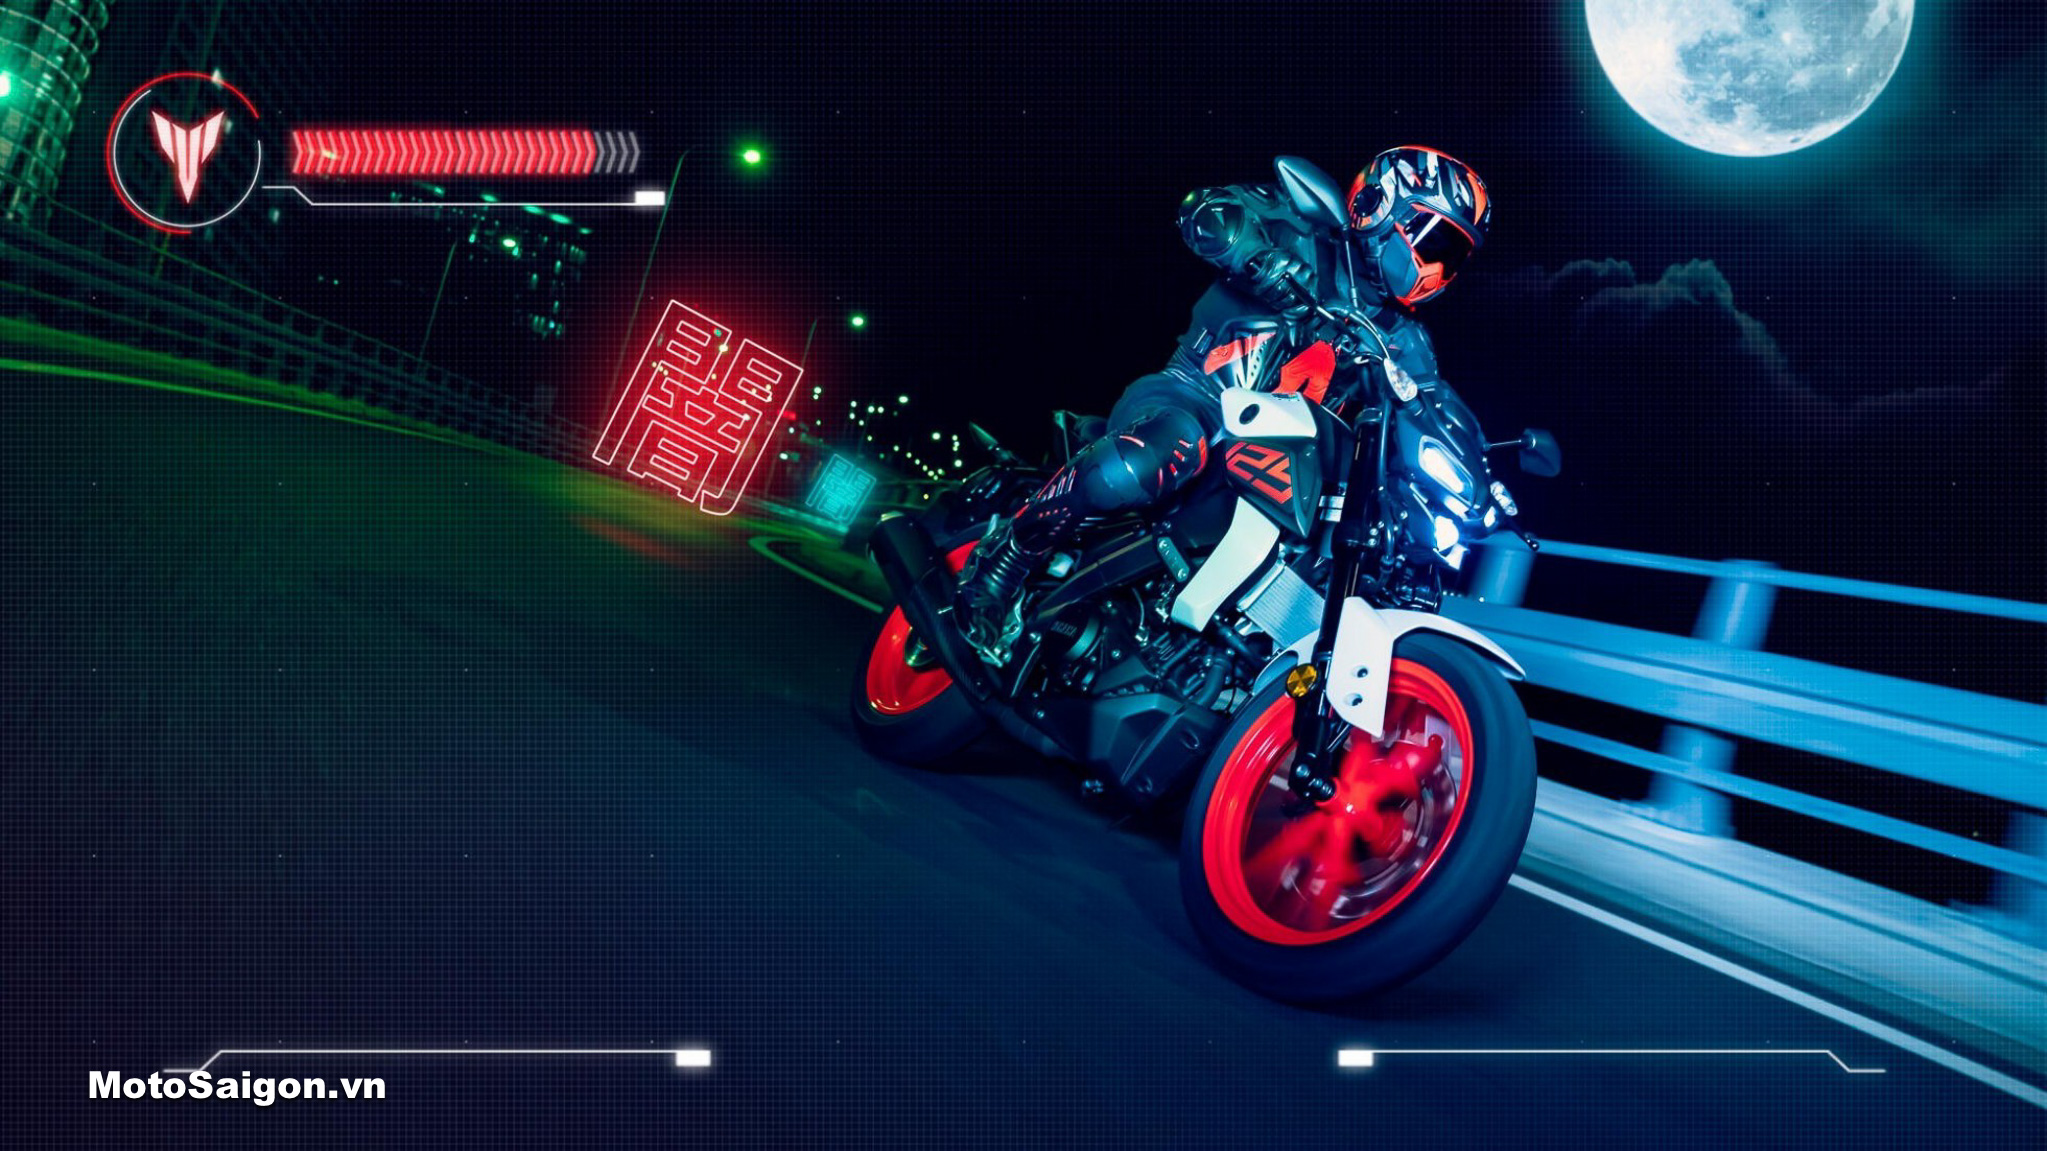 Sau MT-03 Yamaha tiếp tục ra mắt MT-125 VVA 2020